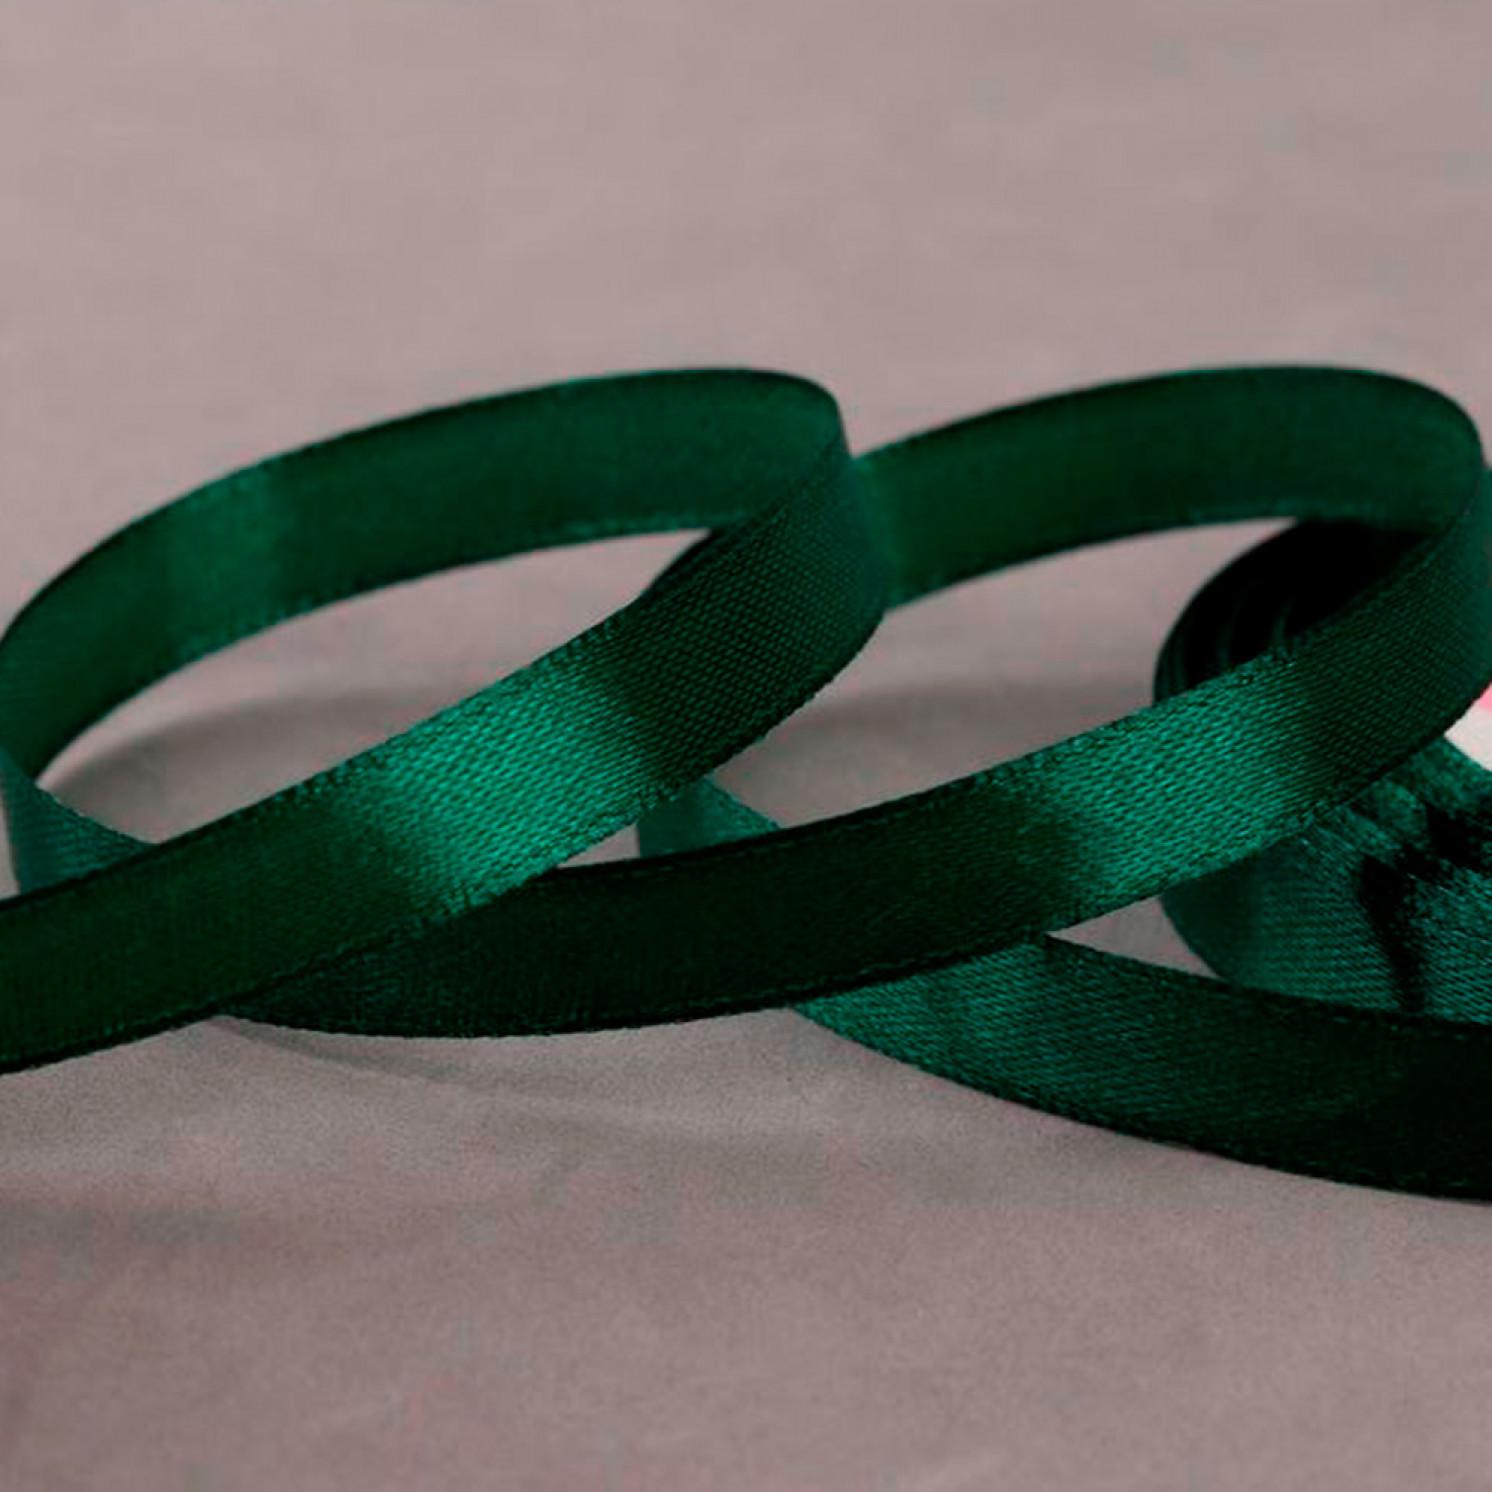 Лента атласная, 10 мм × 23 ± 1 м, цвет тёмно-зелёный №49